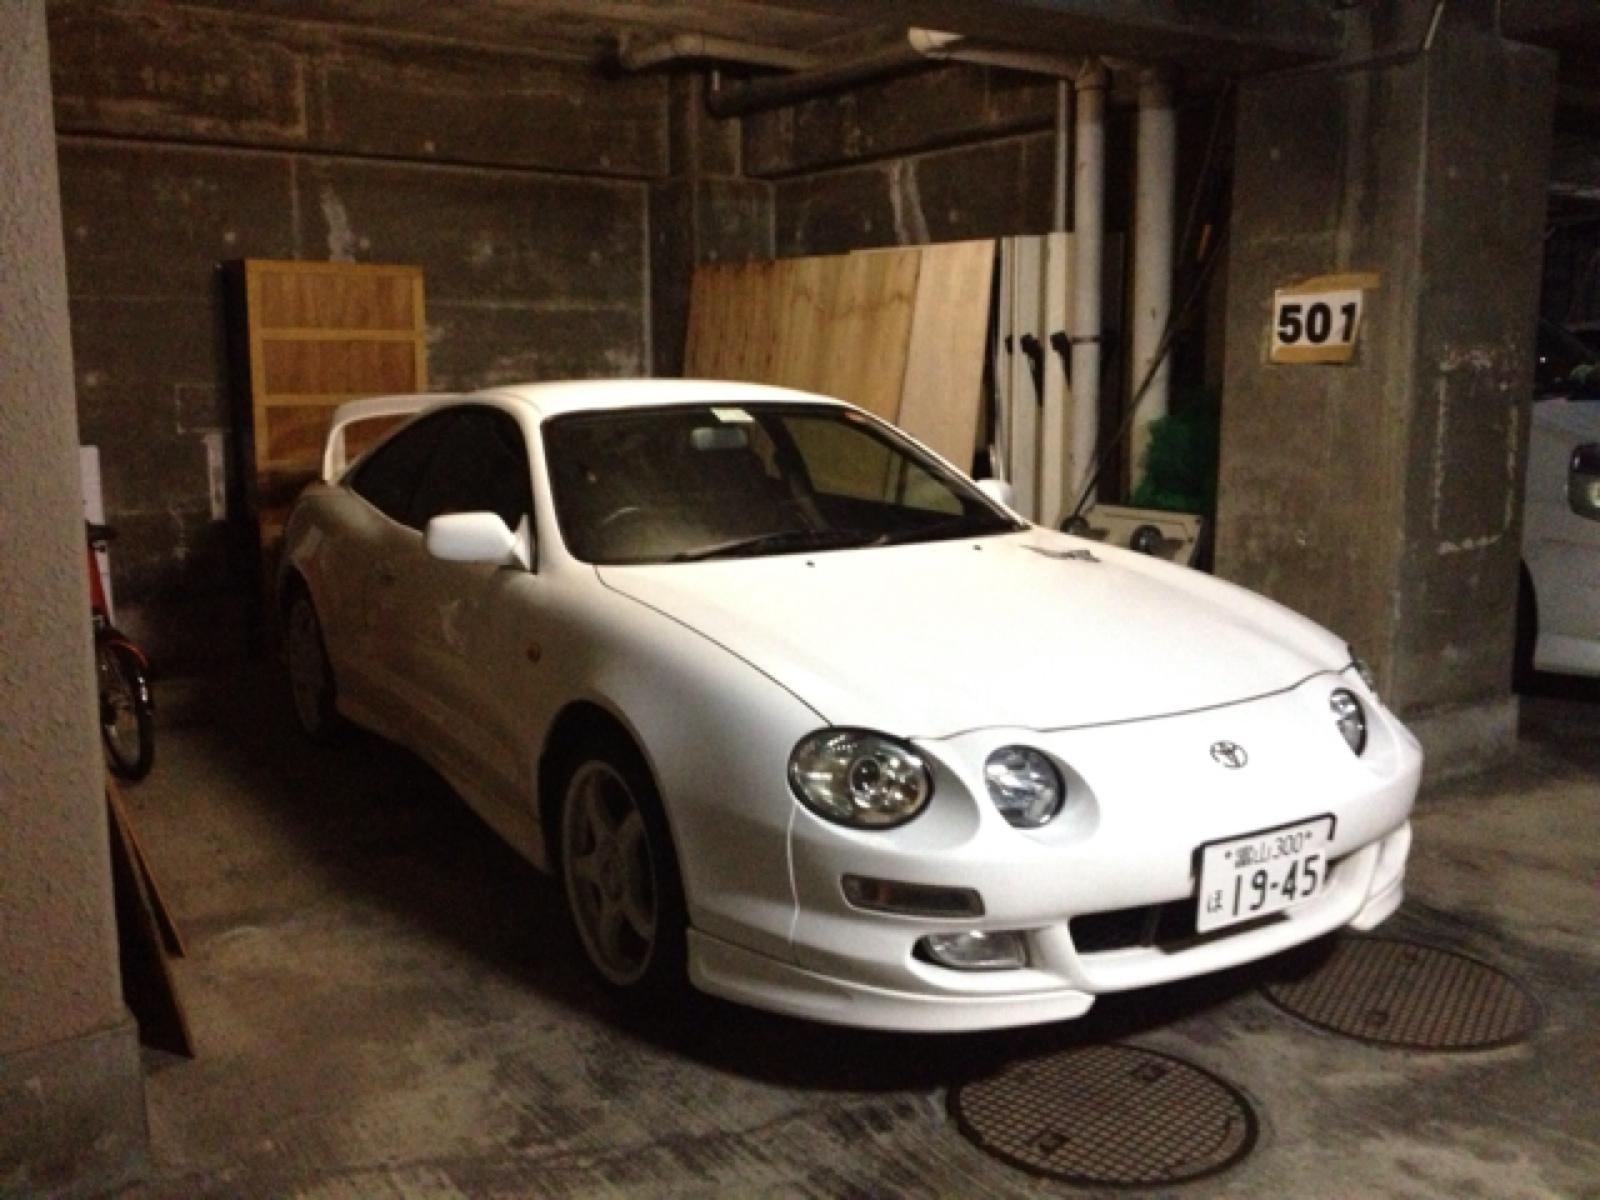 トヨタ セリカ    車・自動車SNS(ブログ・パーツ・整備・燃費)